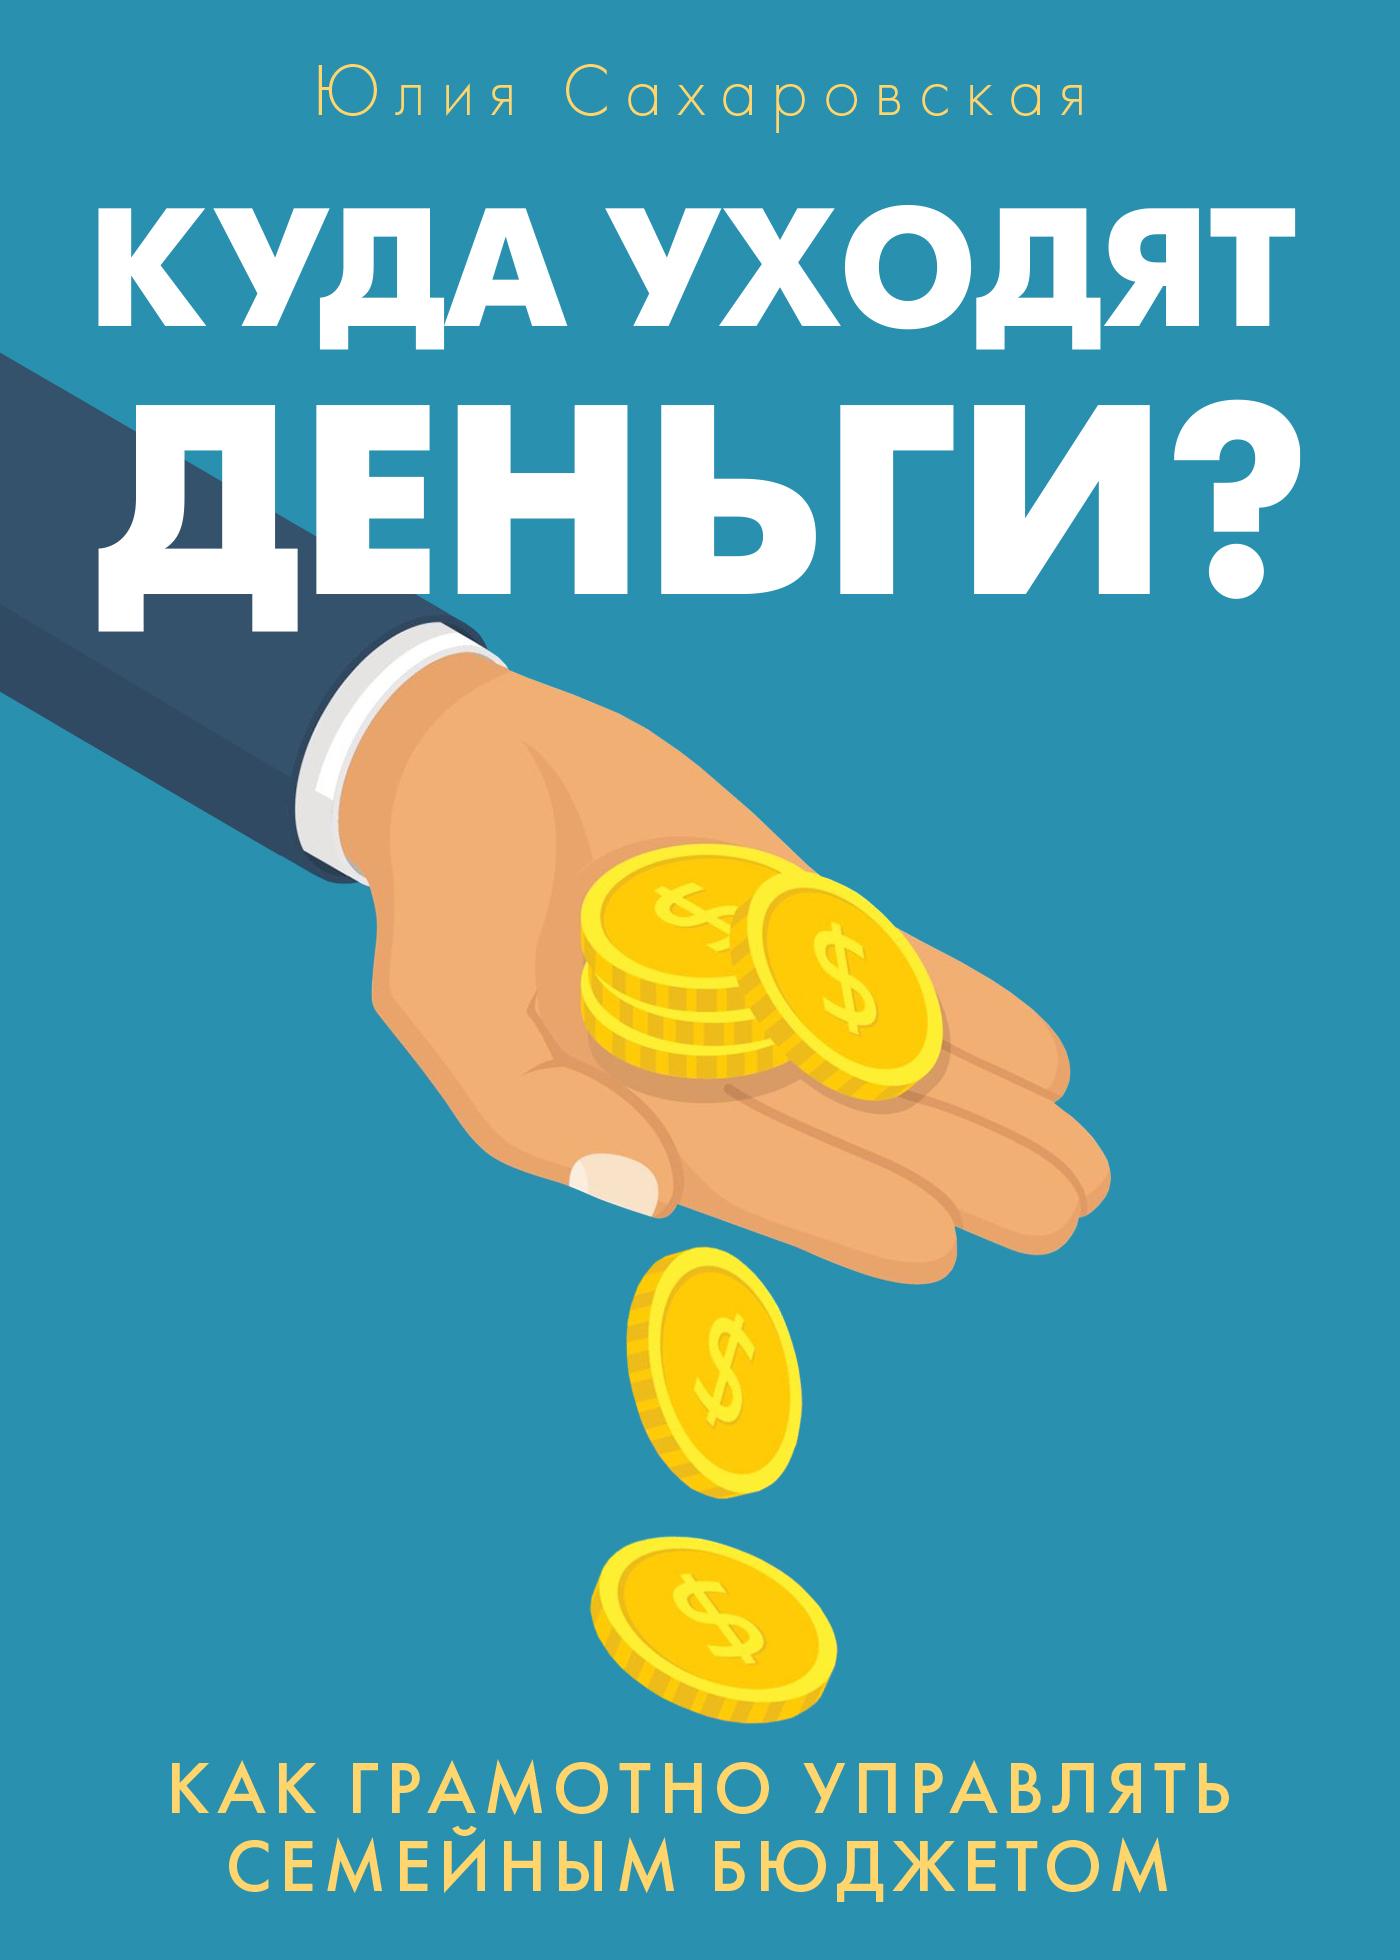 Юлия Сахаровская Куда уходят деньги. Как грамотно управлять семейным бюджетом sitemap html page 2 page 7 page 8